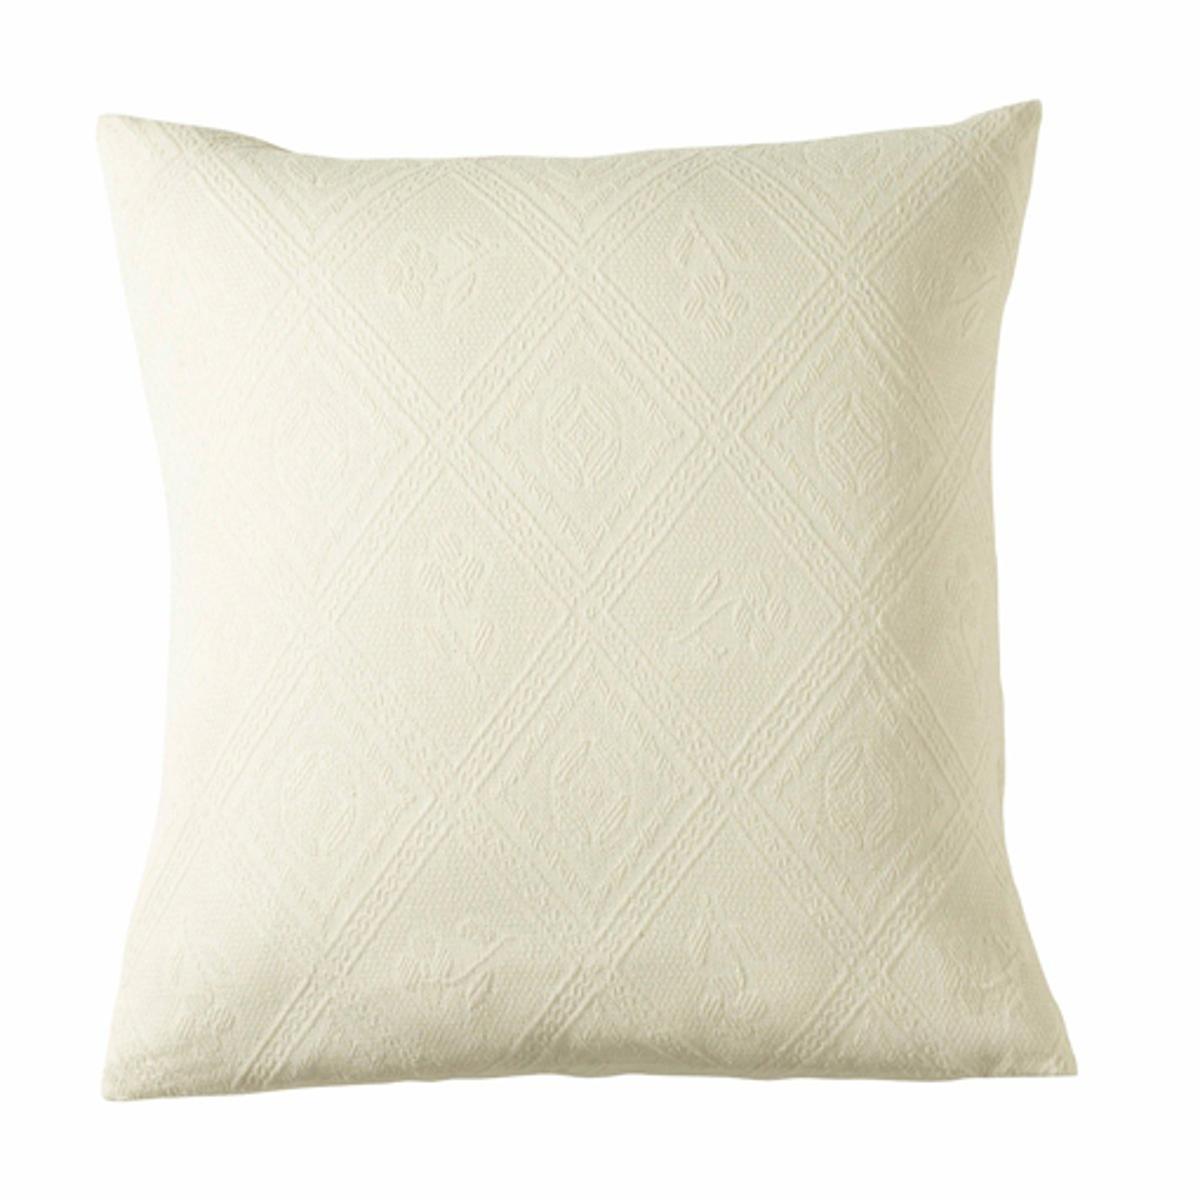 Чехол на подушку или наволочка из хлопковой жаккардовой ткани, INDO